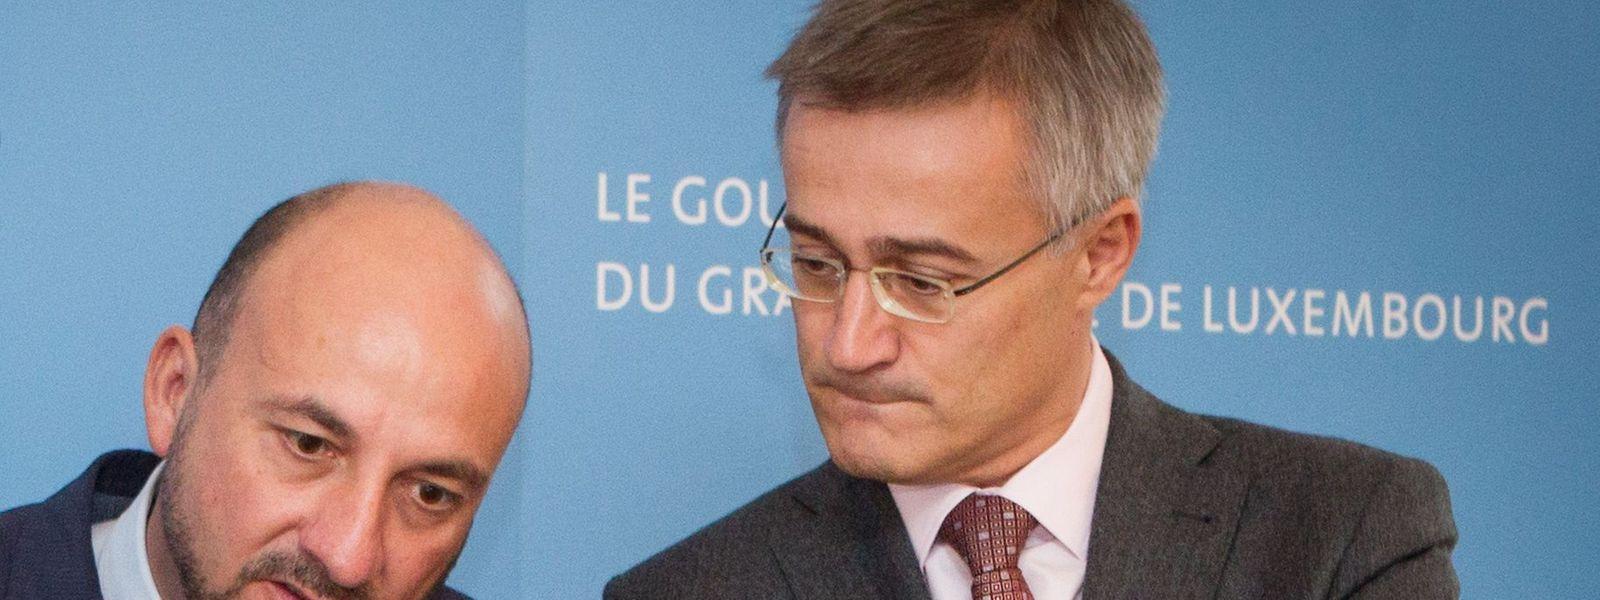 Der Minister für Innere Sicherheit, Etienne Schneider, und Justizminister, Félix Braz, befassten sich beide mit dem Fall Neuens, greifbare Antworten gab jedoch keiner von beiden.